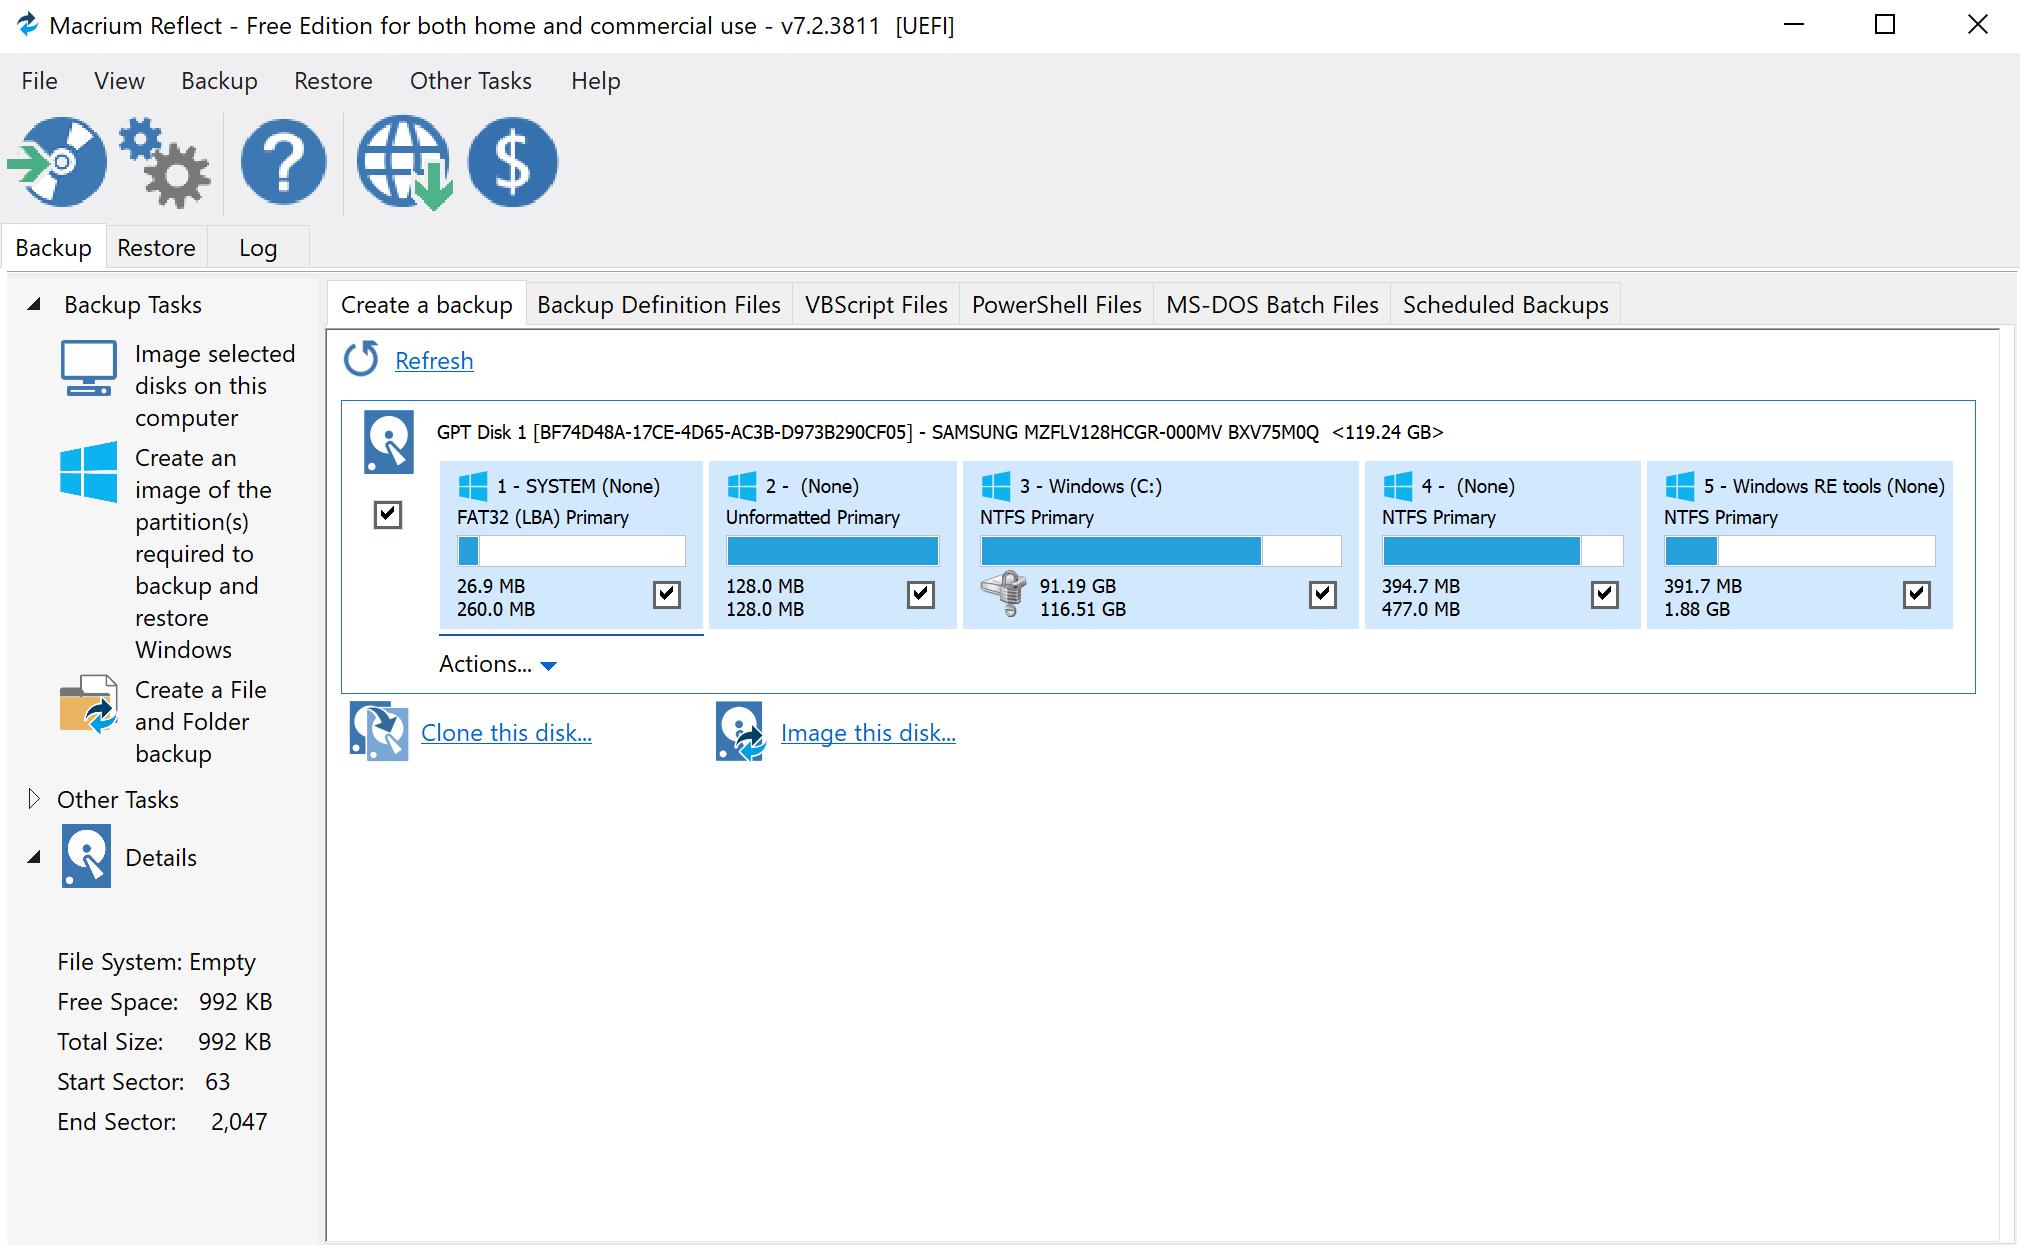 Macrium Reflect Free 7.2.1001.0